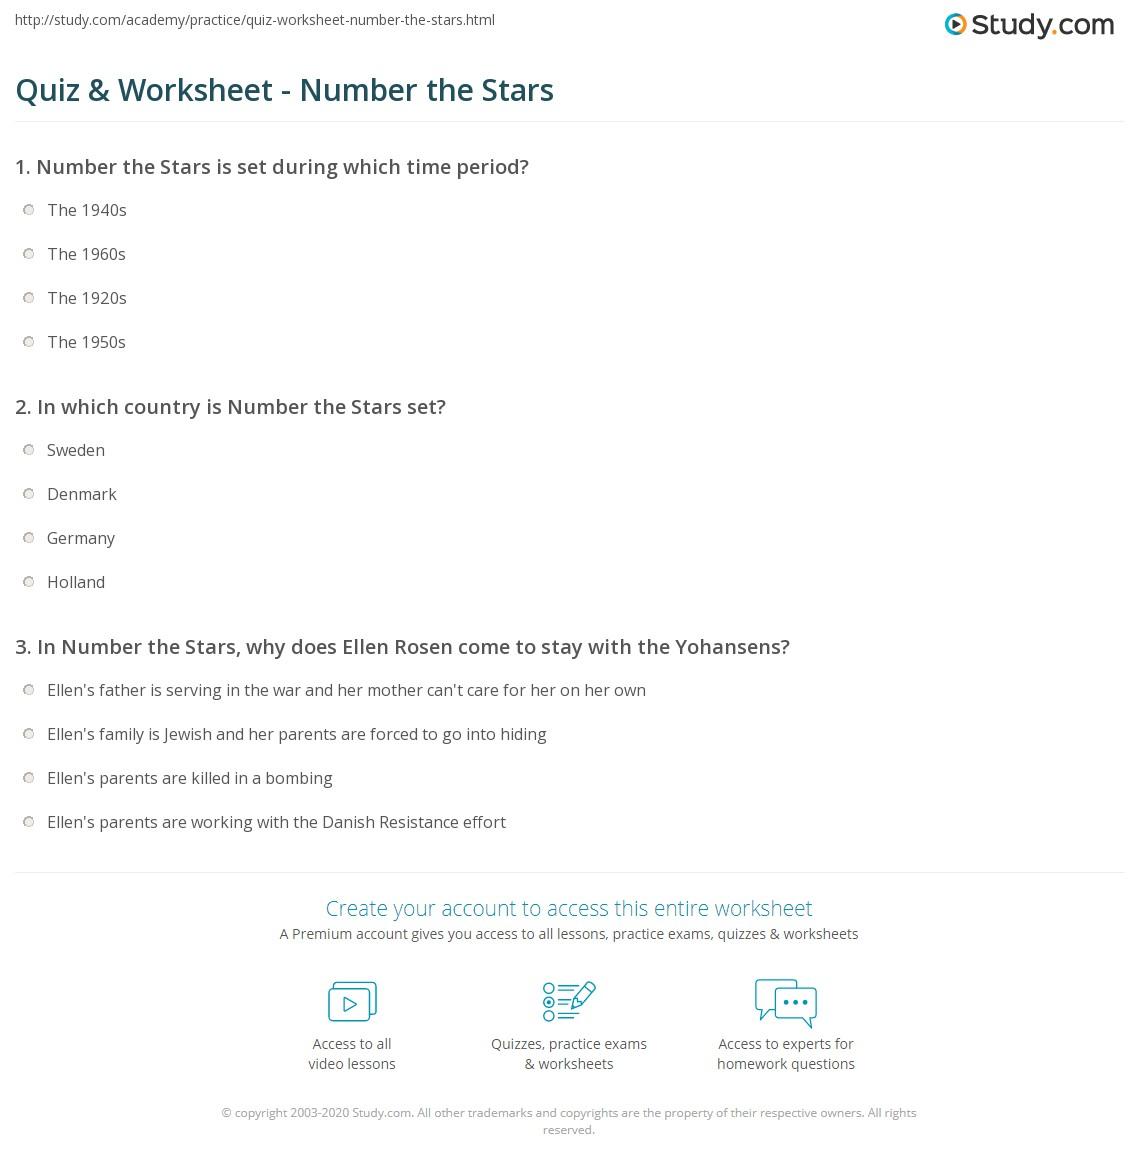 Worksheets Number The Stars Worksheets quiz worksheet number the stars study com print summary characters setting worksheet